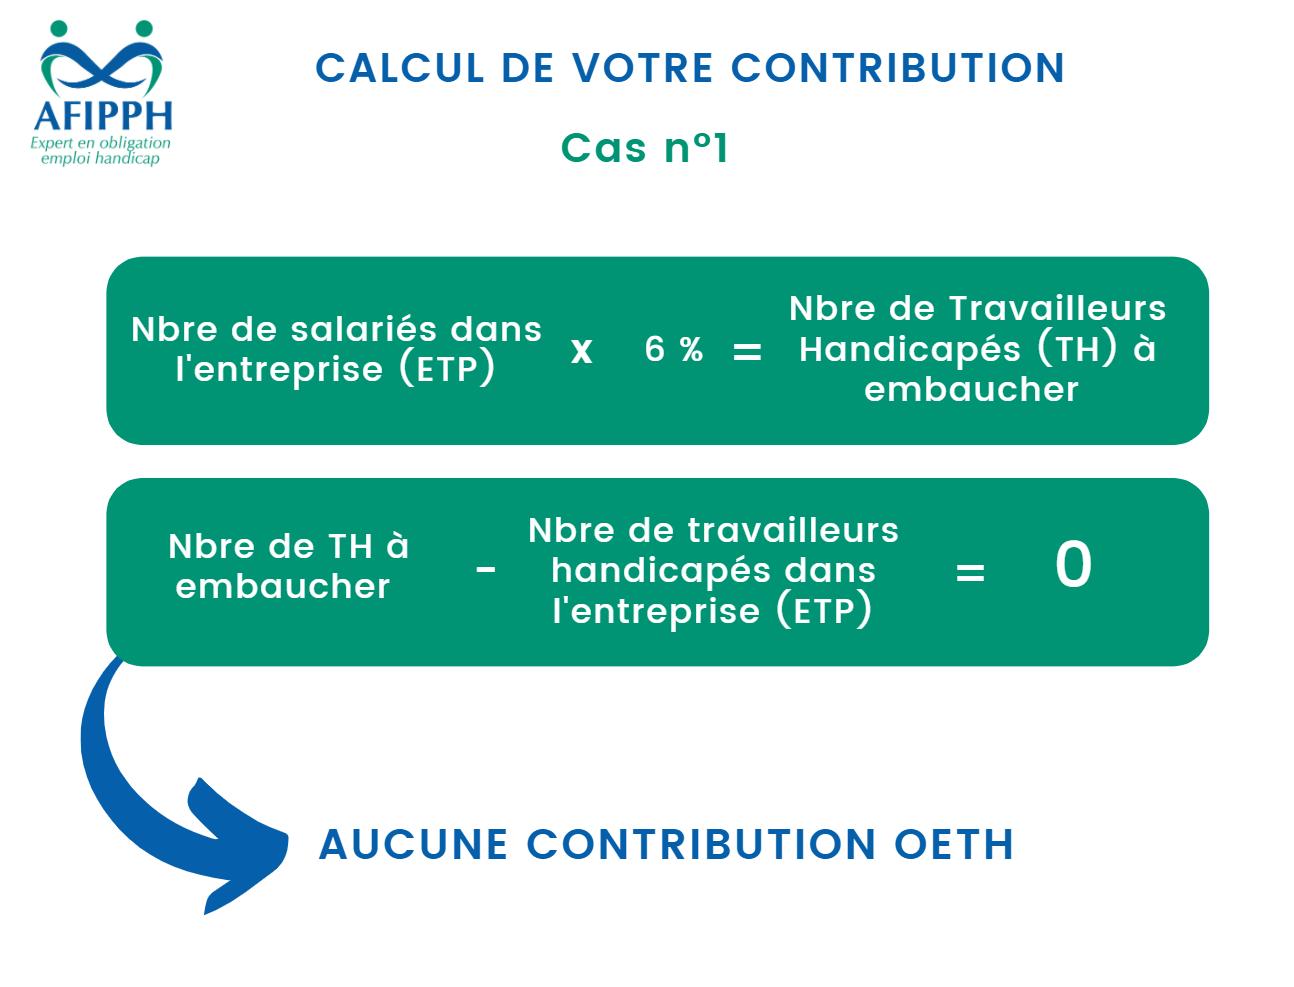 Calcul de votre contributionASSOCIATION AFIPPH